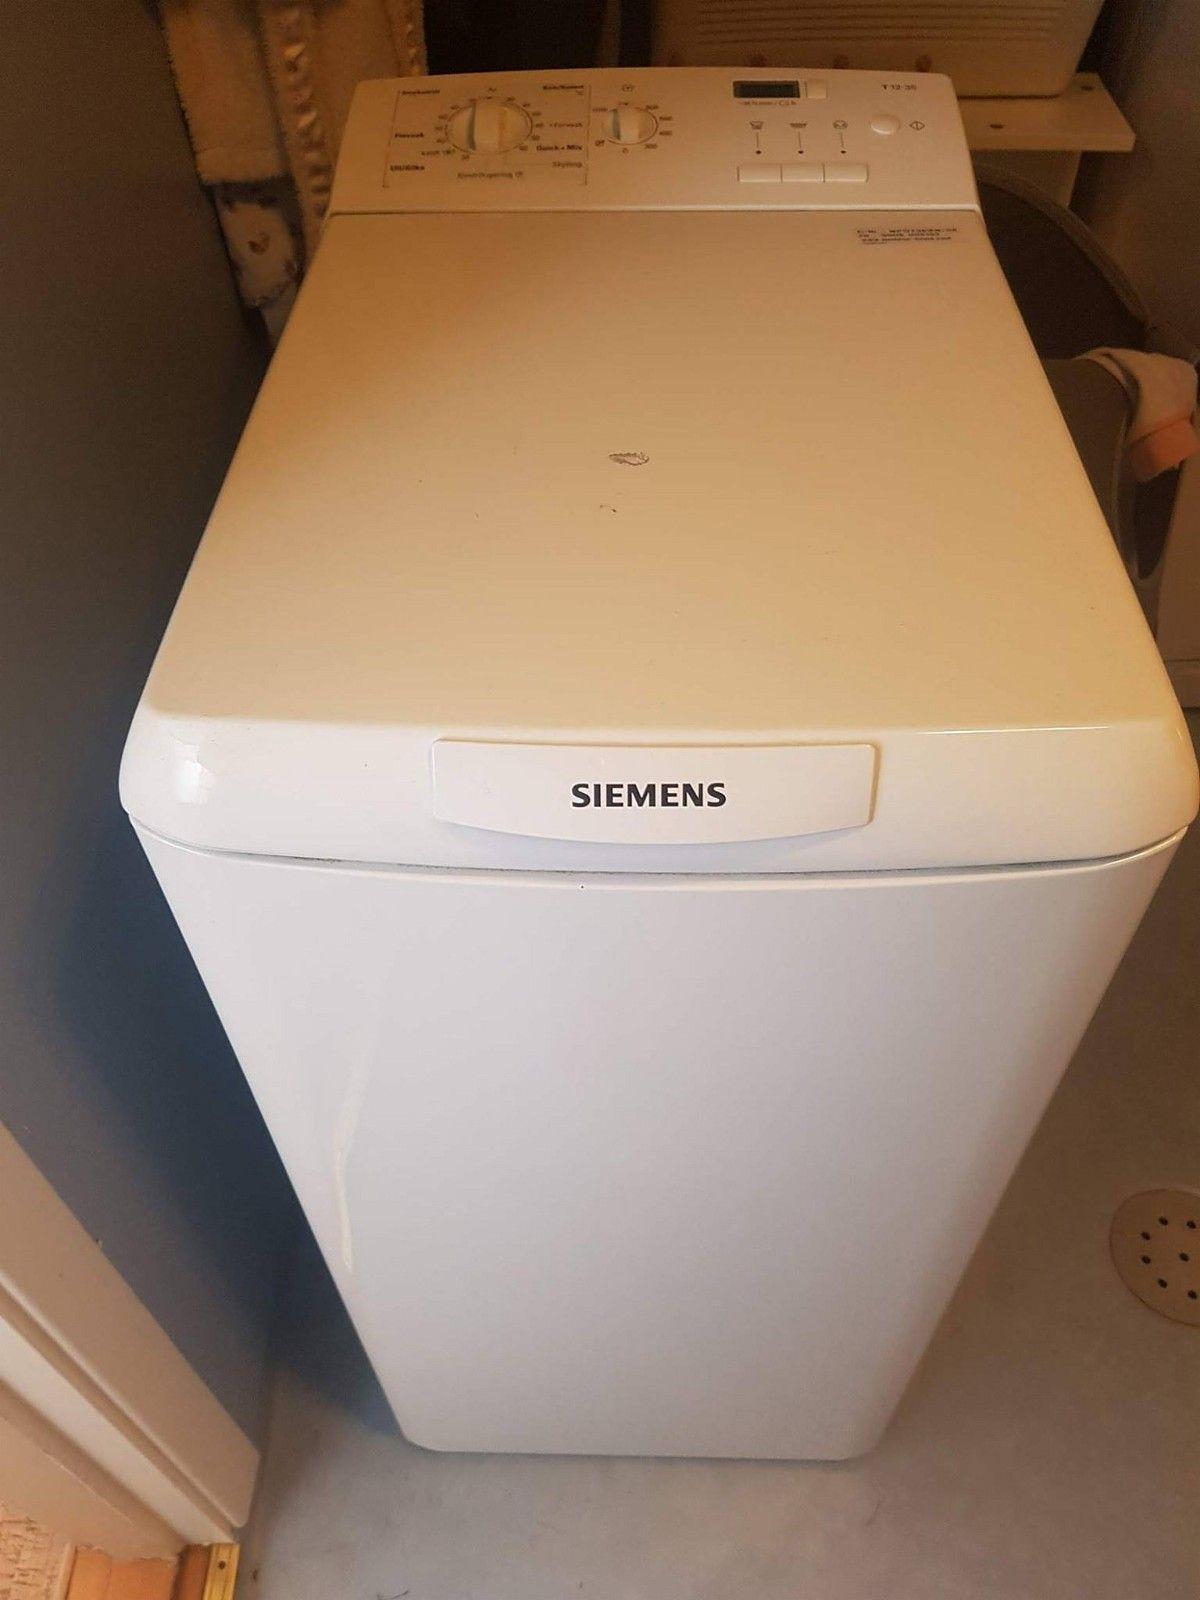 Siemens Vaskamaskin T12*35 selges rimelig. Meget pent brukt. - Lillestrøm  - Toppmatet vaskemaskin fra Siemens.  Senterifugehastighet 1200 o/min. 40 cm bredde. - Lillestrøm